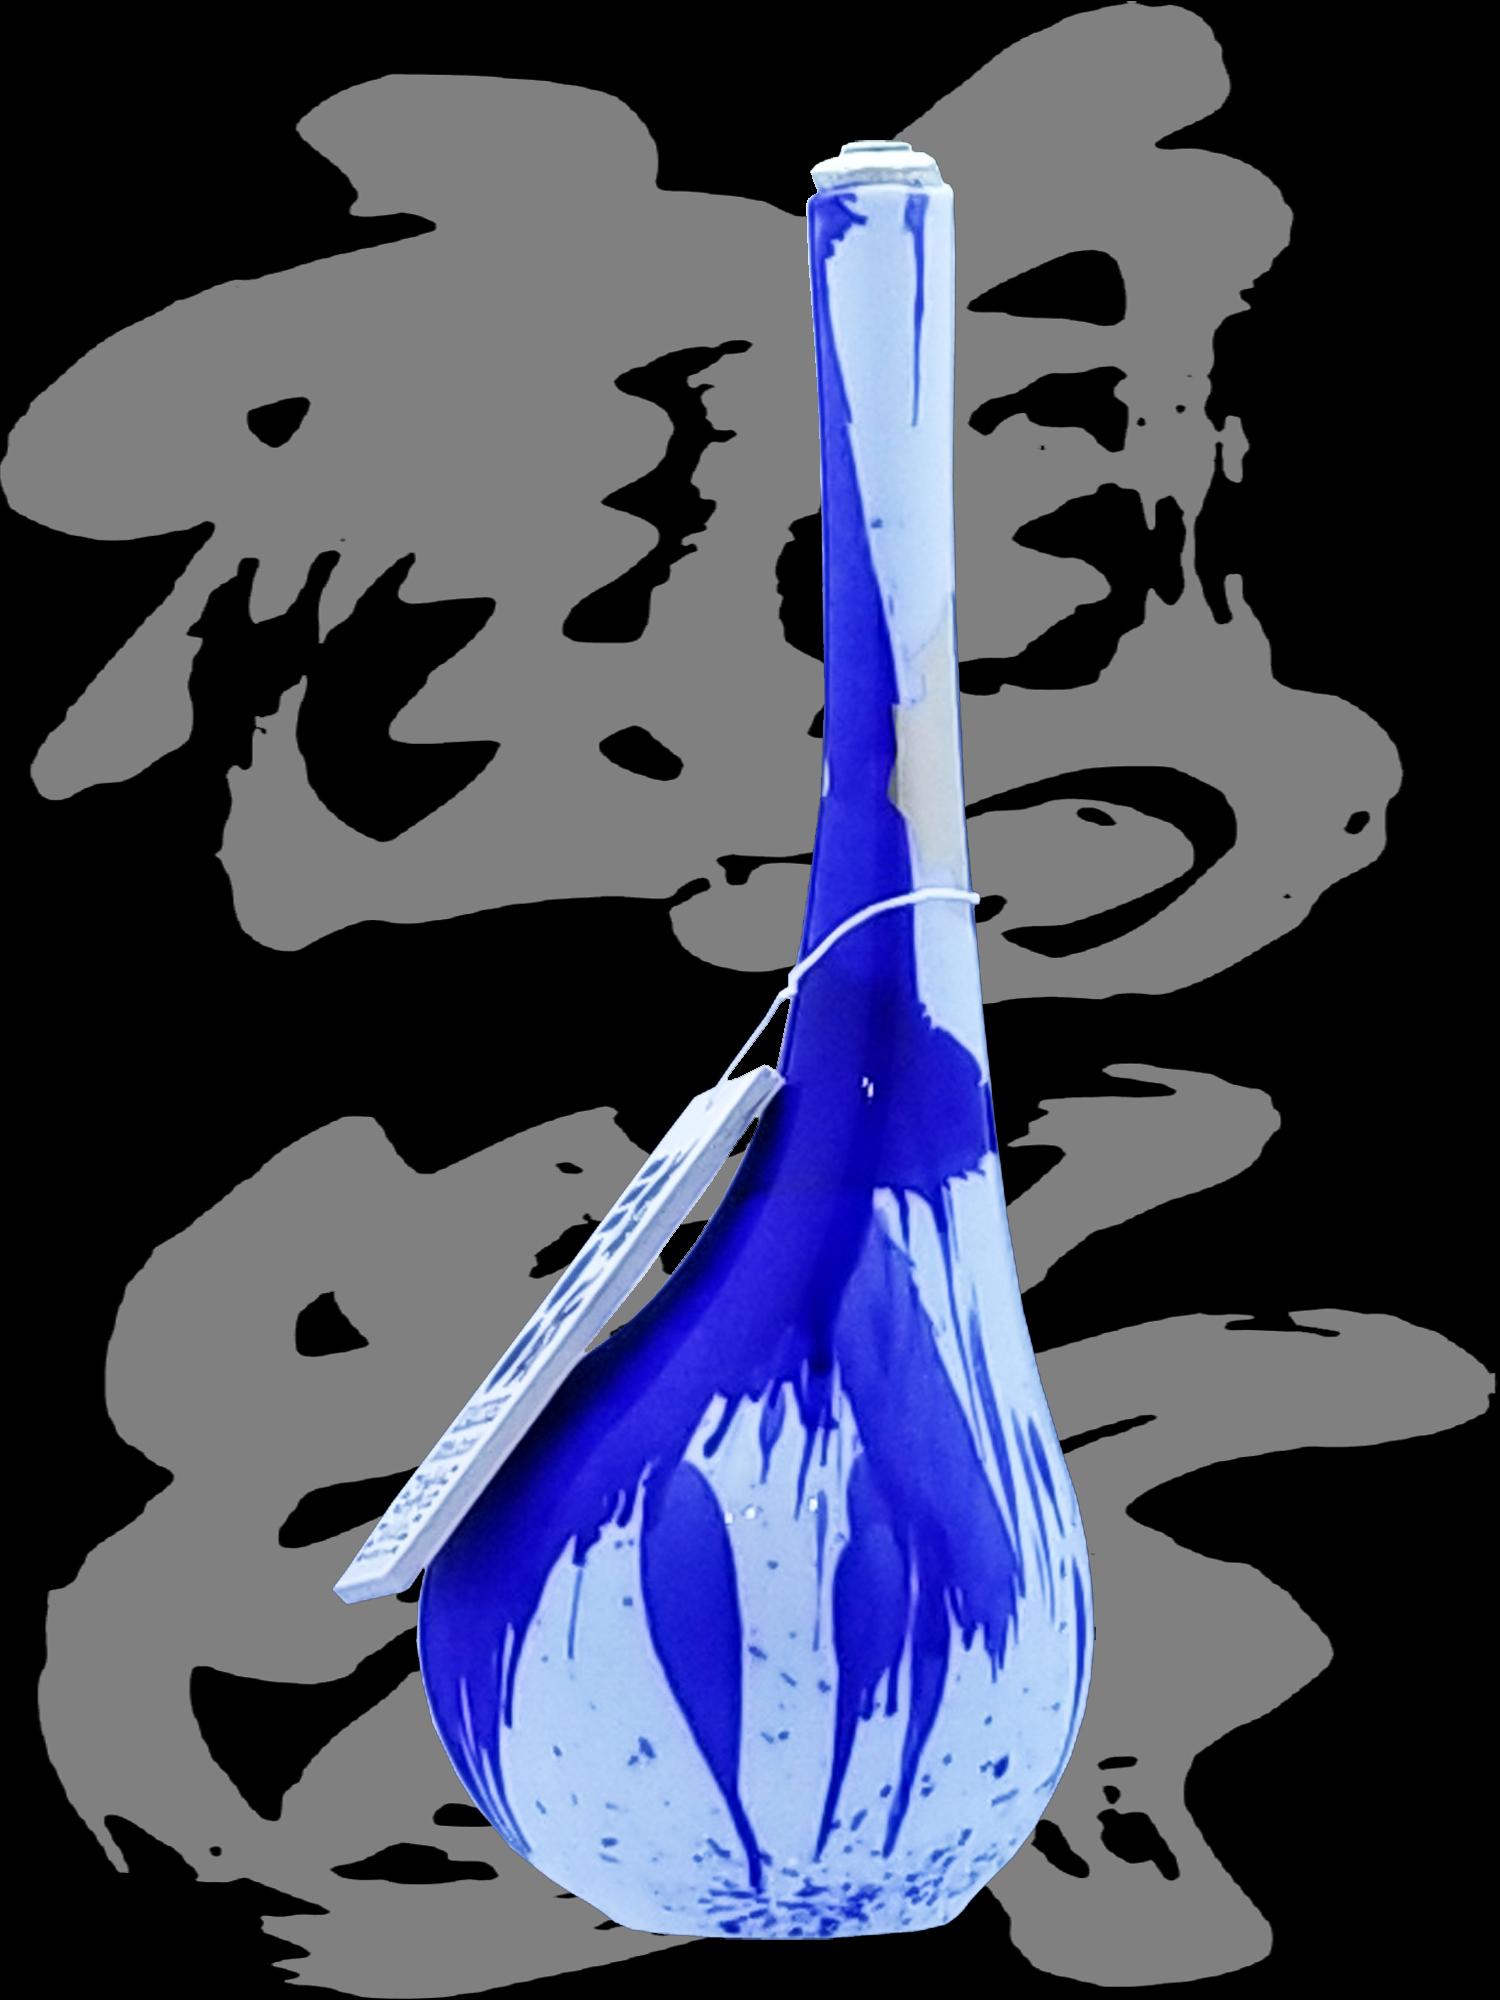 鶴齢(かくれい)「純米大吟醸」袋取り300年記念酒 鶴首